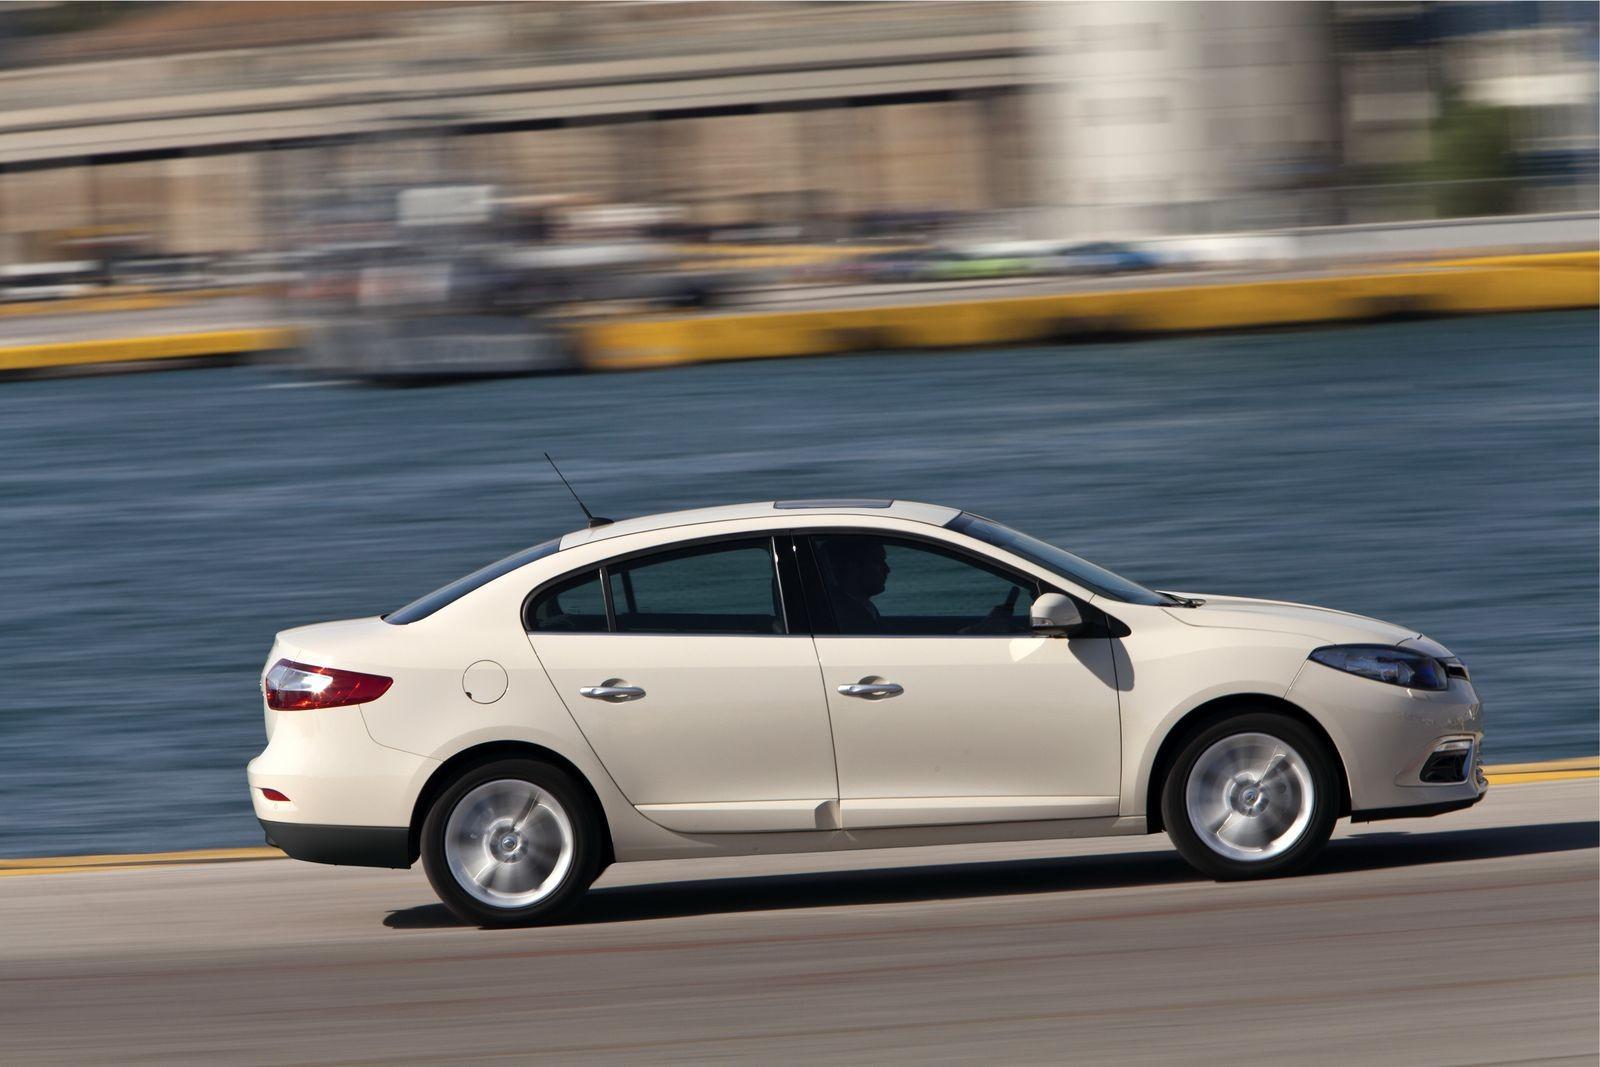 Почти D-класс, недорого: стоит ли покупать Renault Fluence за 500 тысяч рублей